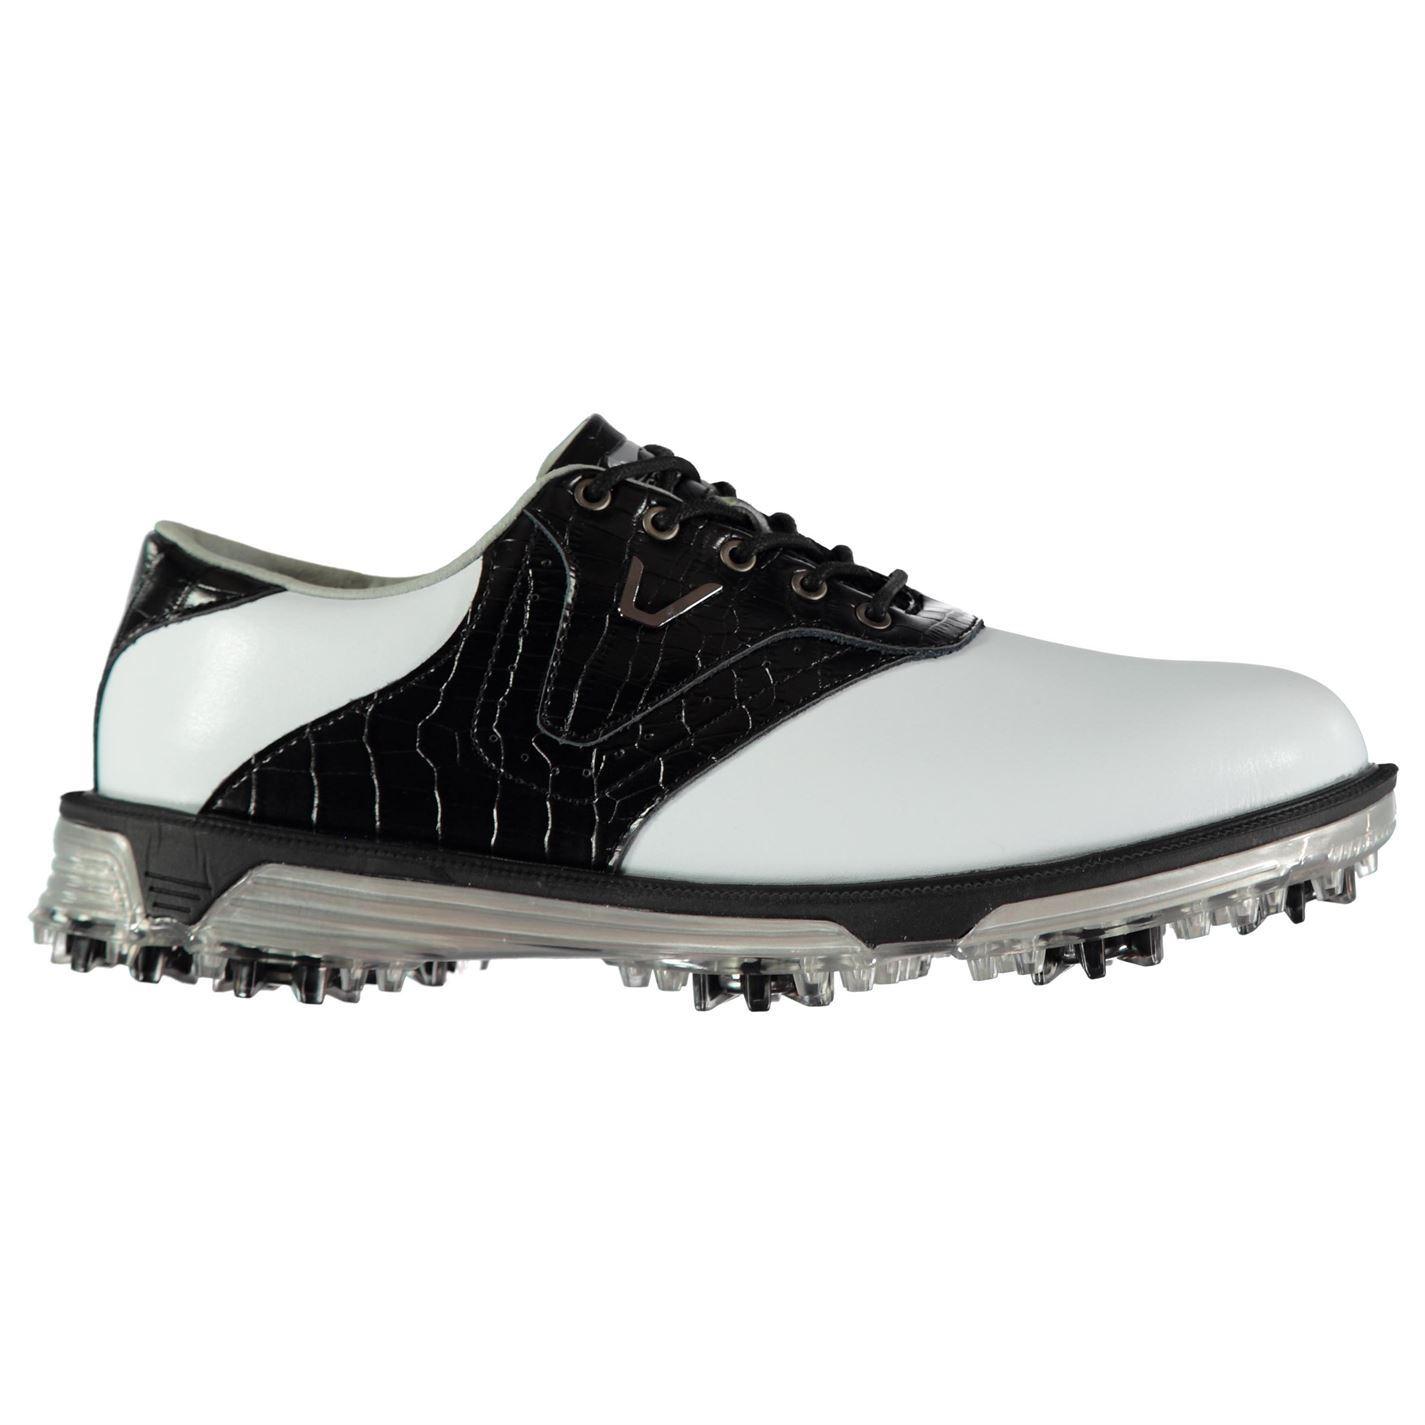 Slazenger-V500-Golf-Shoes-Mens-Spikes-Footwear thumbnail 17